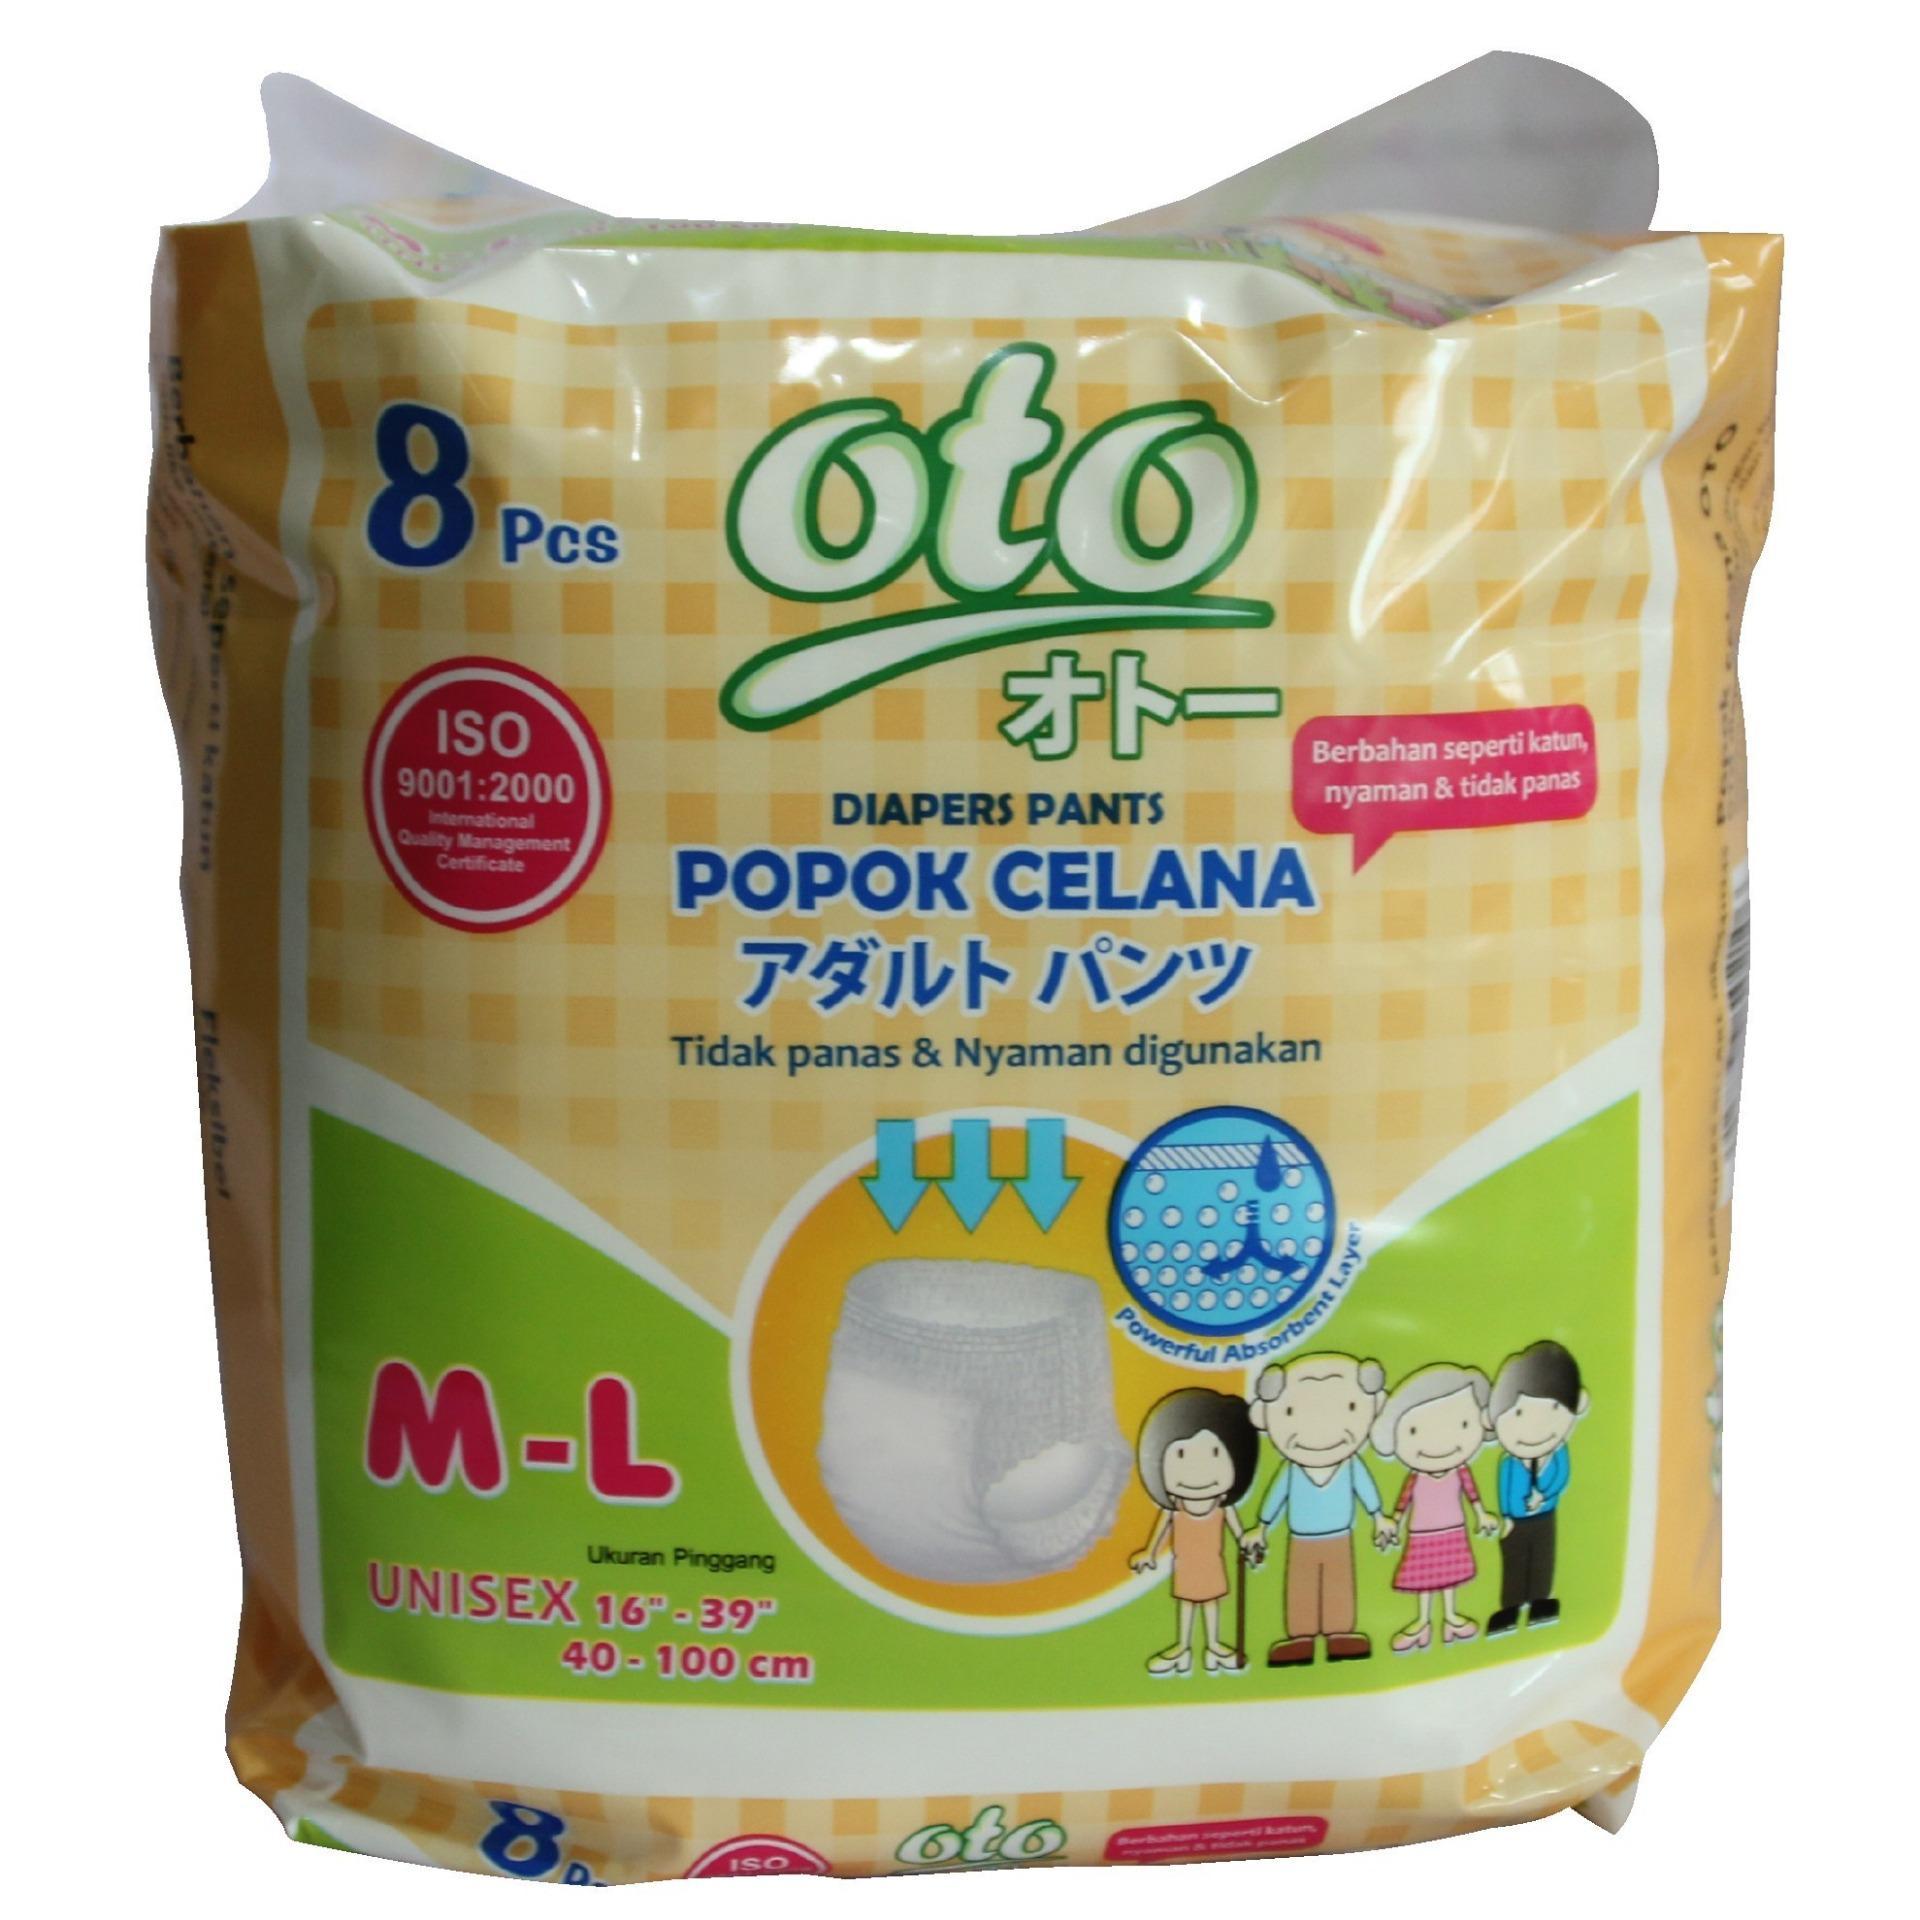 Oto Diapers For Adult Popok Dewasa Premium Ukuran S Isi 9 X Daftar Drkang Pants Xl8 Flash Sale M L 8 Pcs